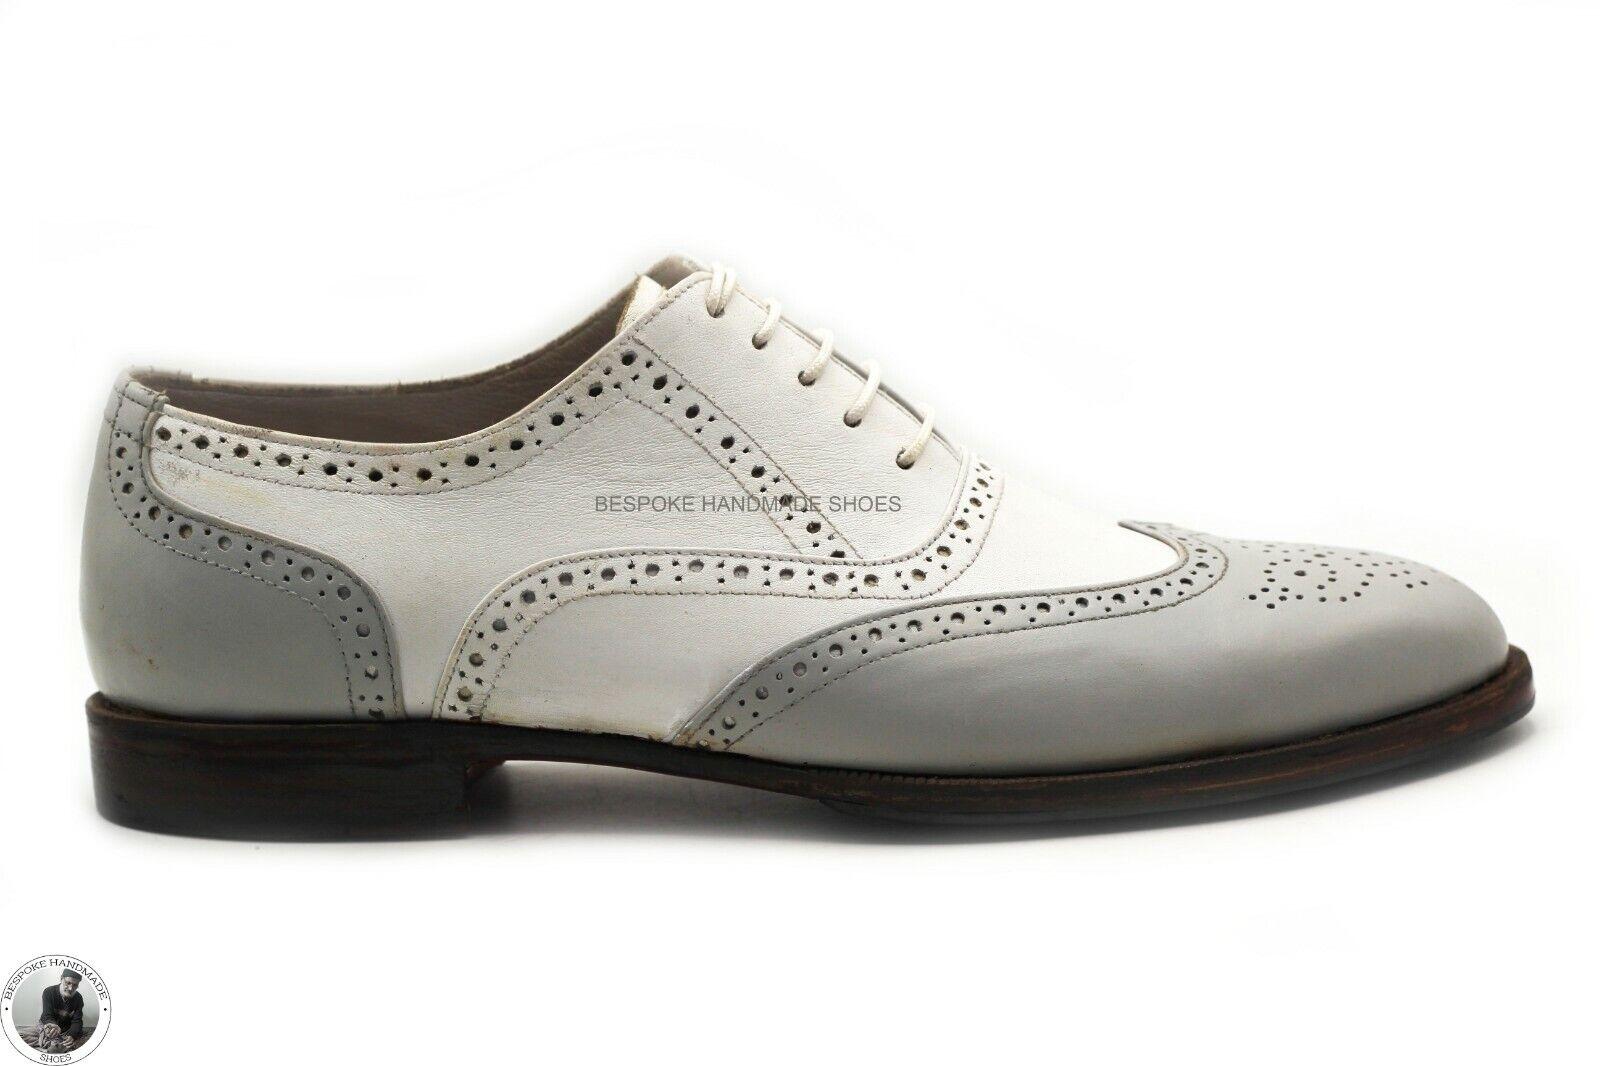 Handgemachte Herren echte weiße und graue Leder Schnür Wingtip Brogue Oxford Sch